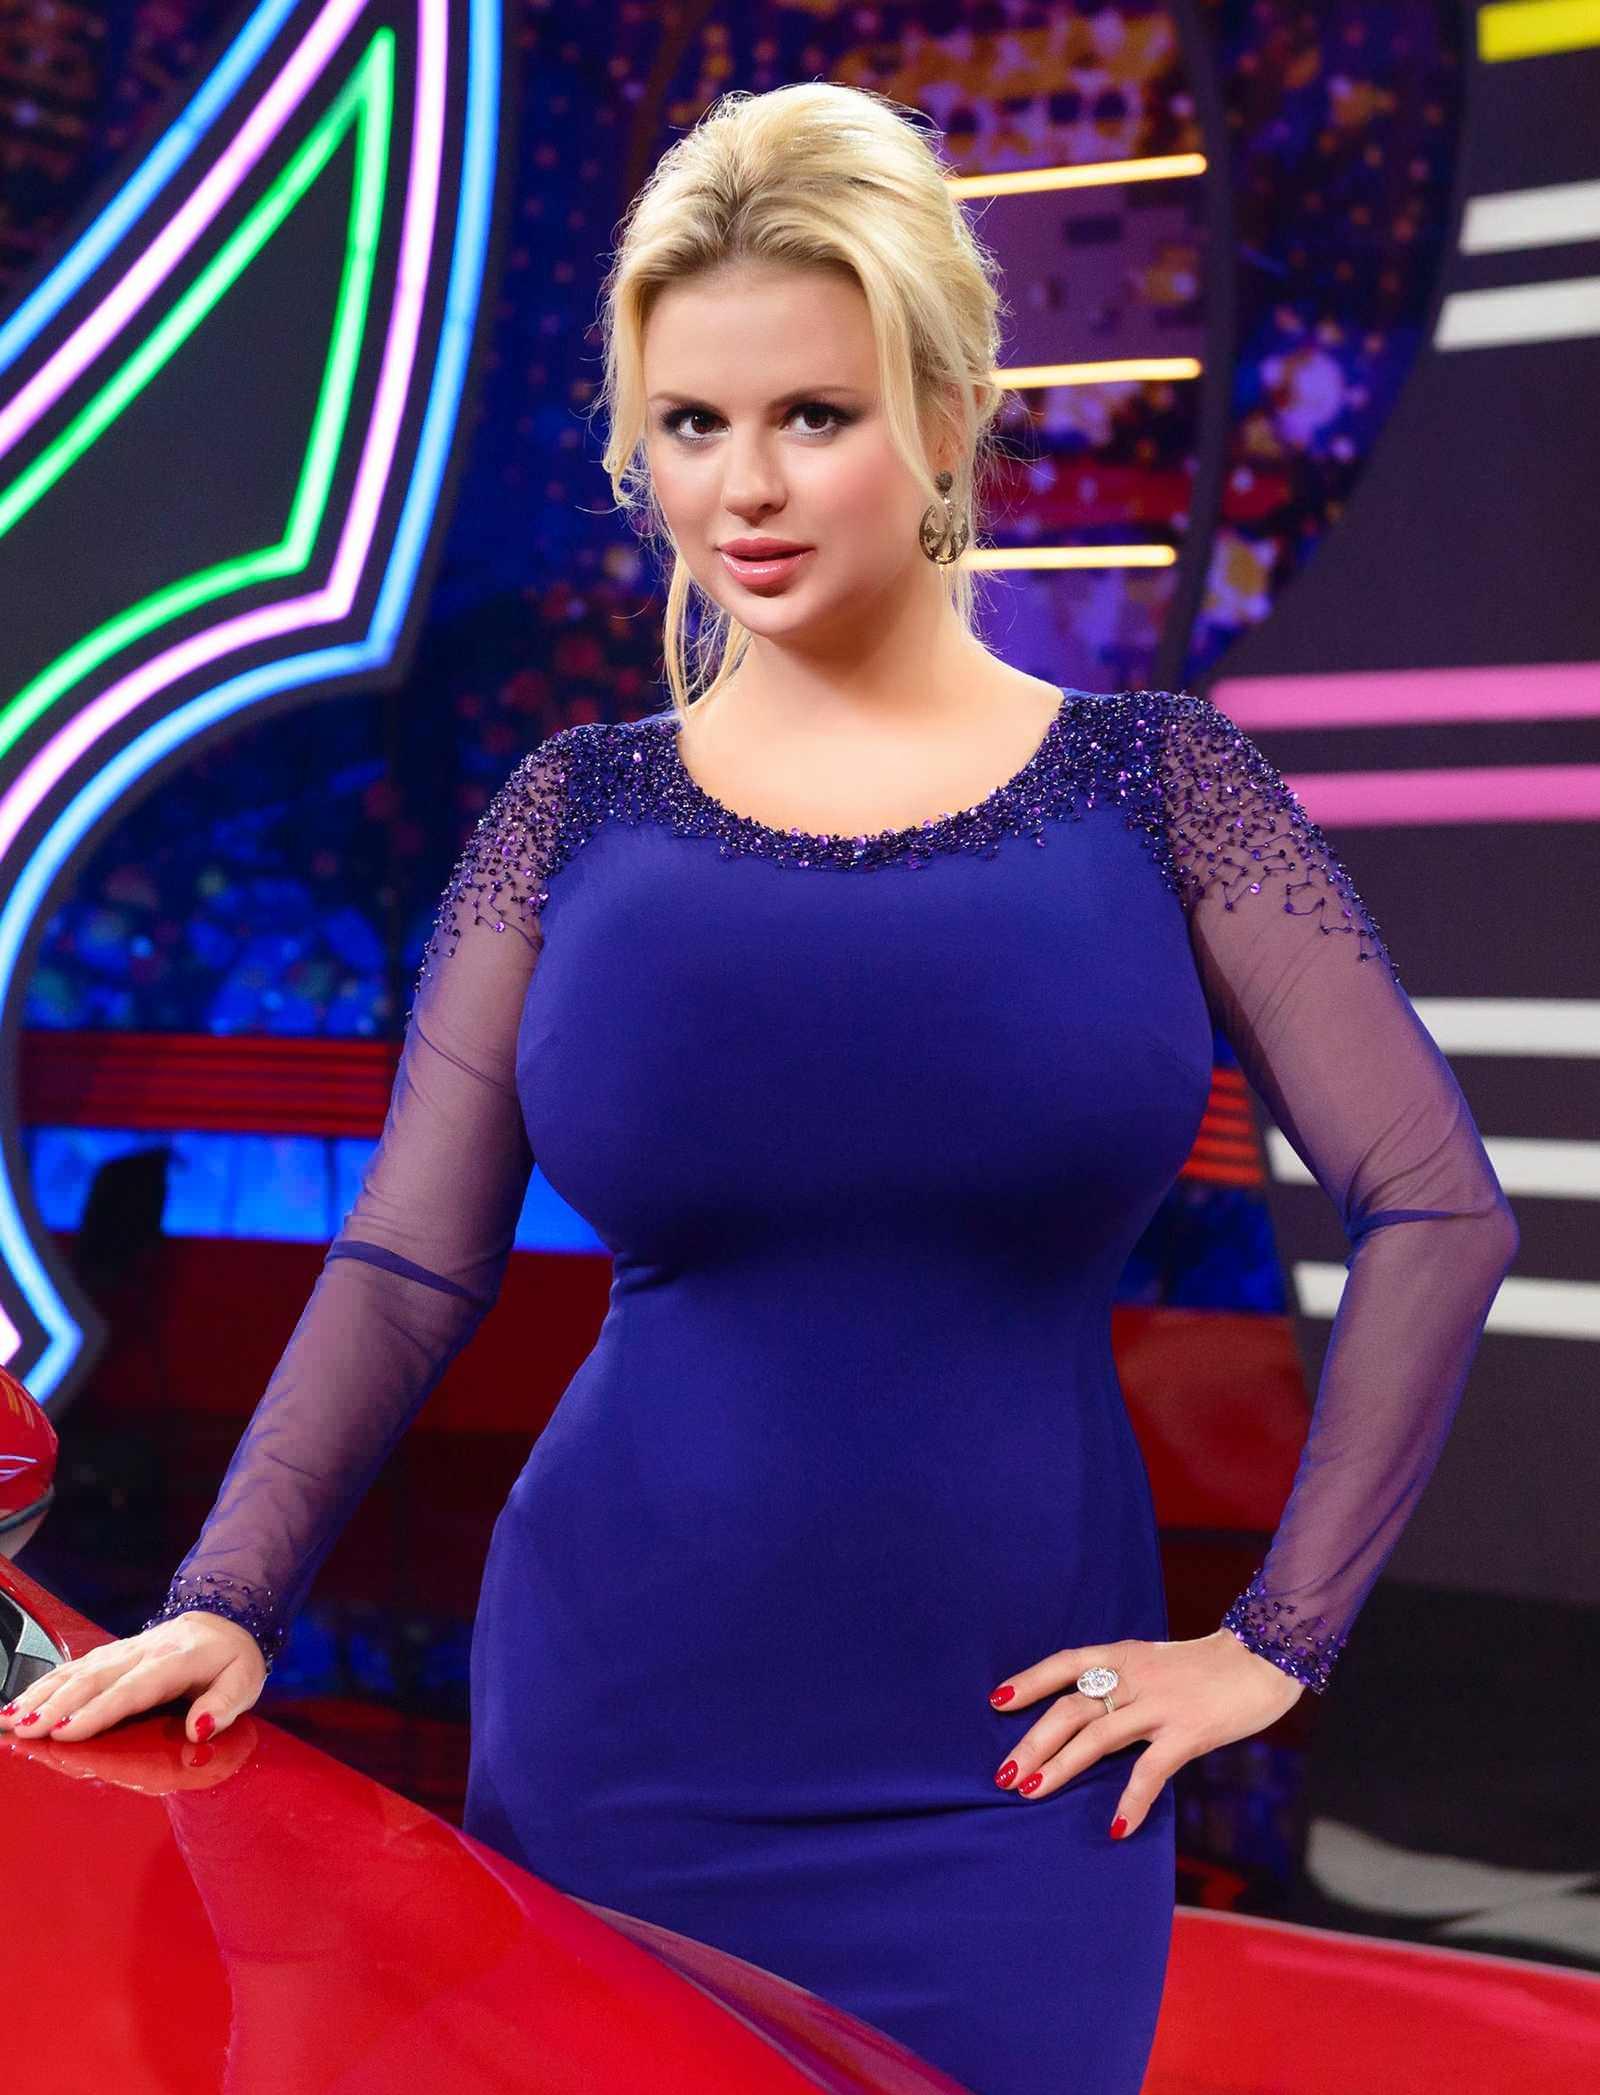 Фото груди видно через вырез блузки фото 5-378